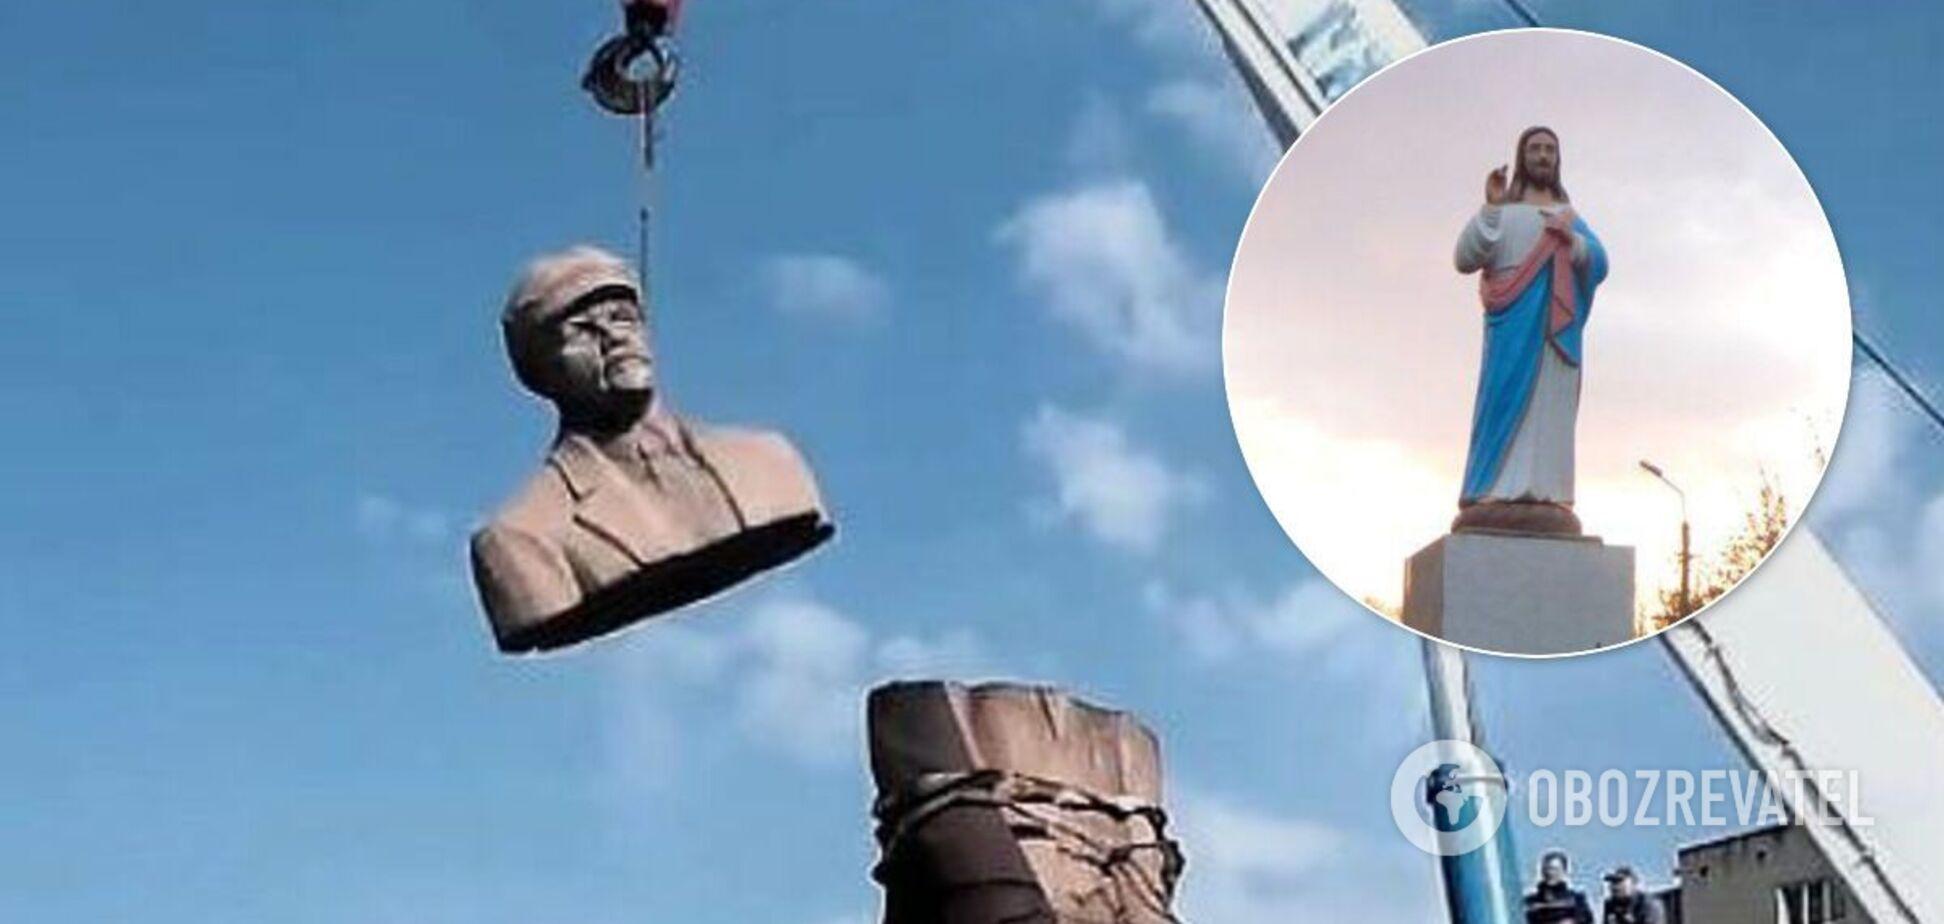 Під Запоріжжям знайшли спосіб декомунізувати пам'ятник Леніну